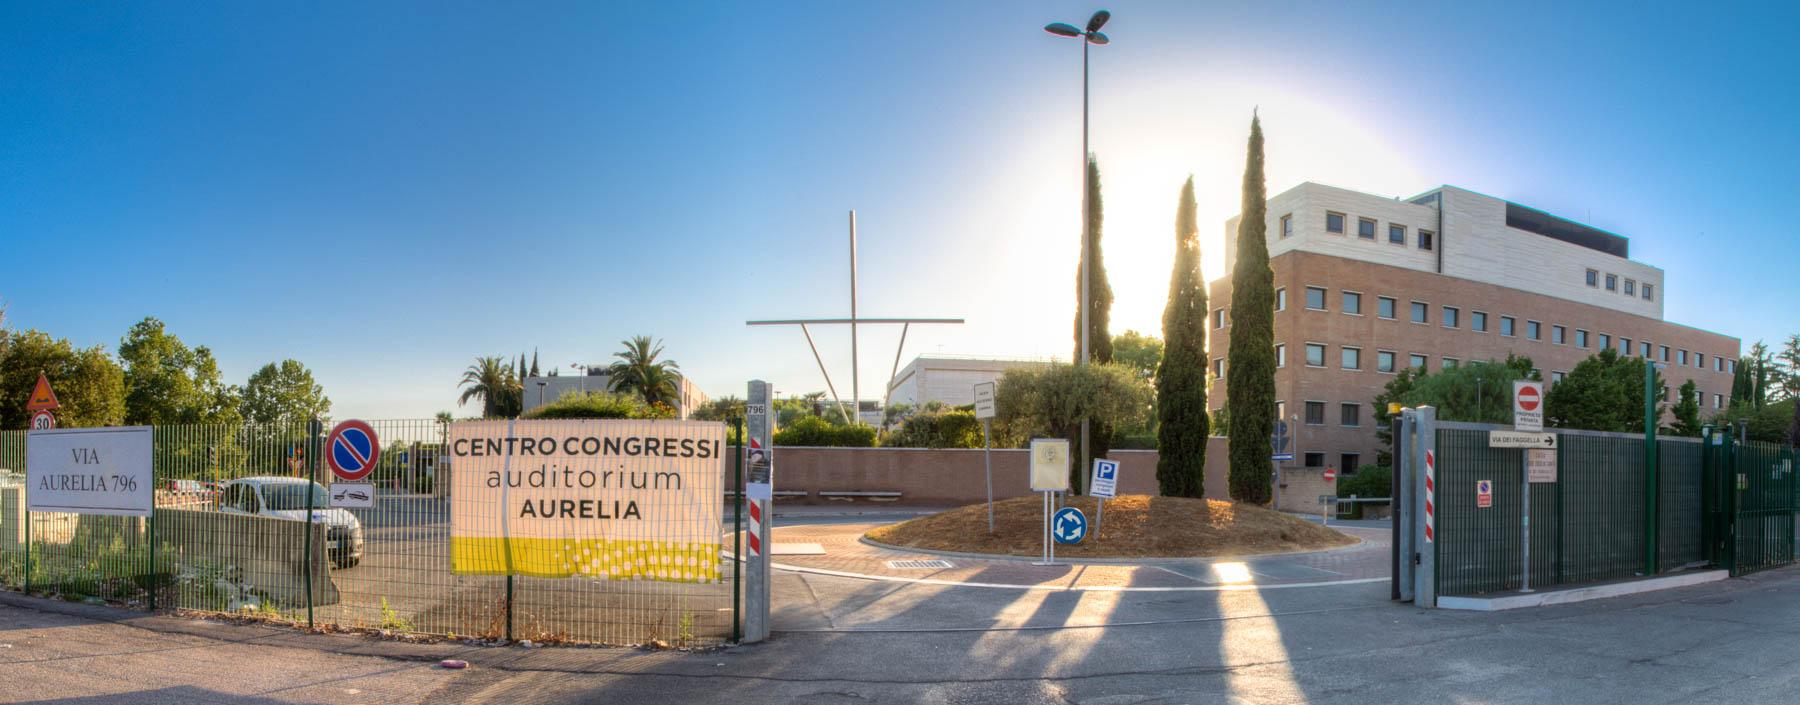 Gea Congress - Centro Congressi Auditorium Aurelia - Entrata